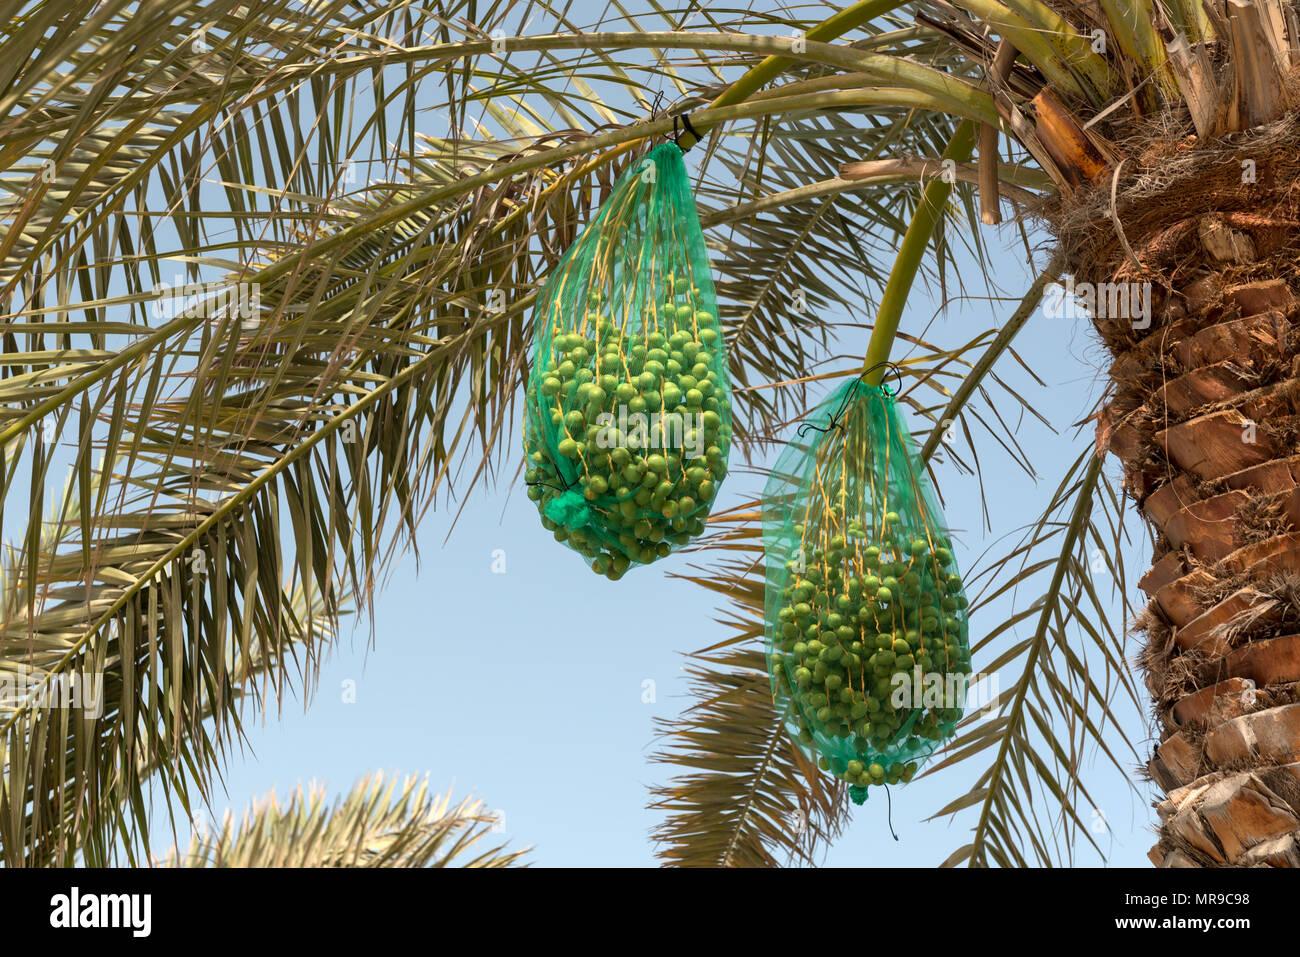 I grappoli di date che cresce su un albero di palma. Le date sono coperti in una rete per proteggerli da uccelli e per la cattura di randagi frutta caduta Immagini Stock